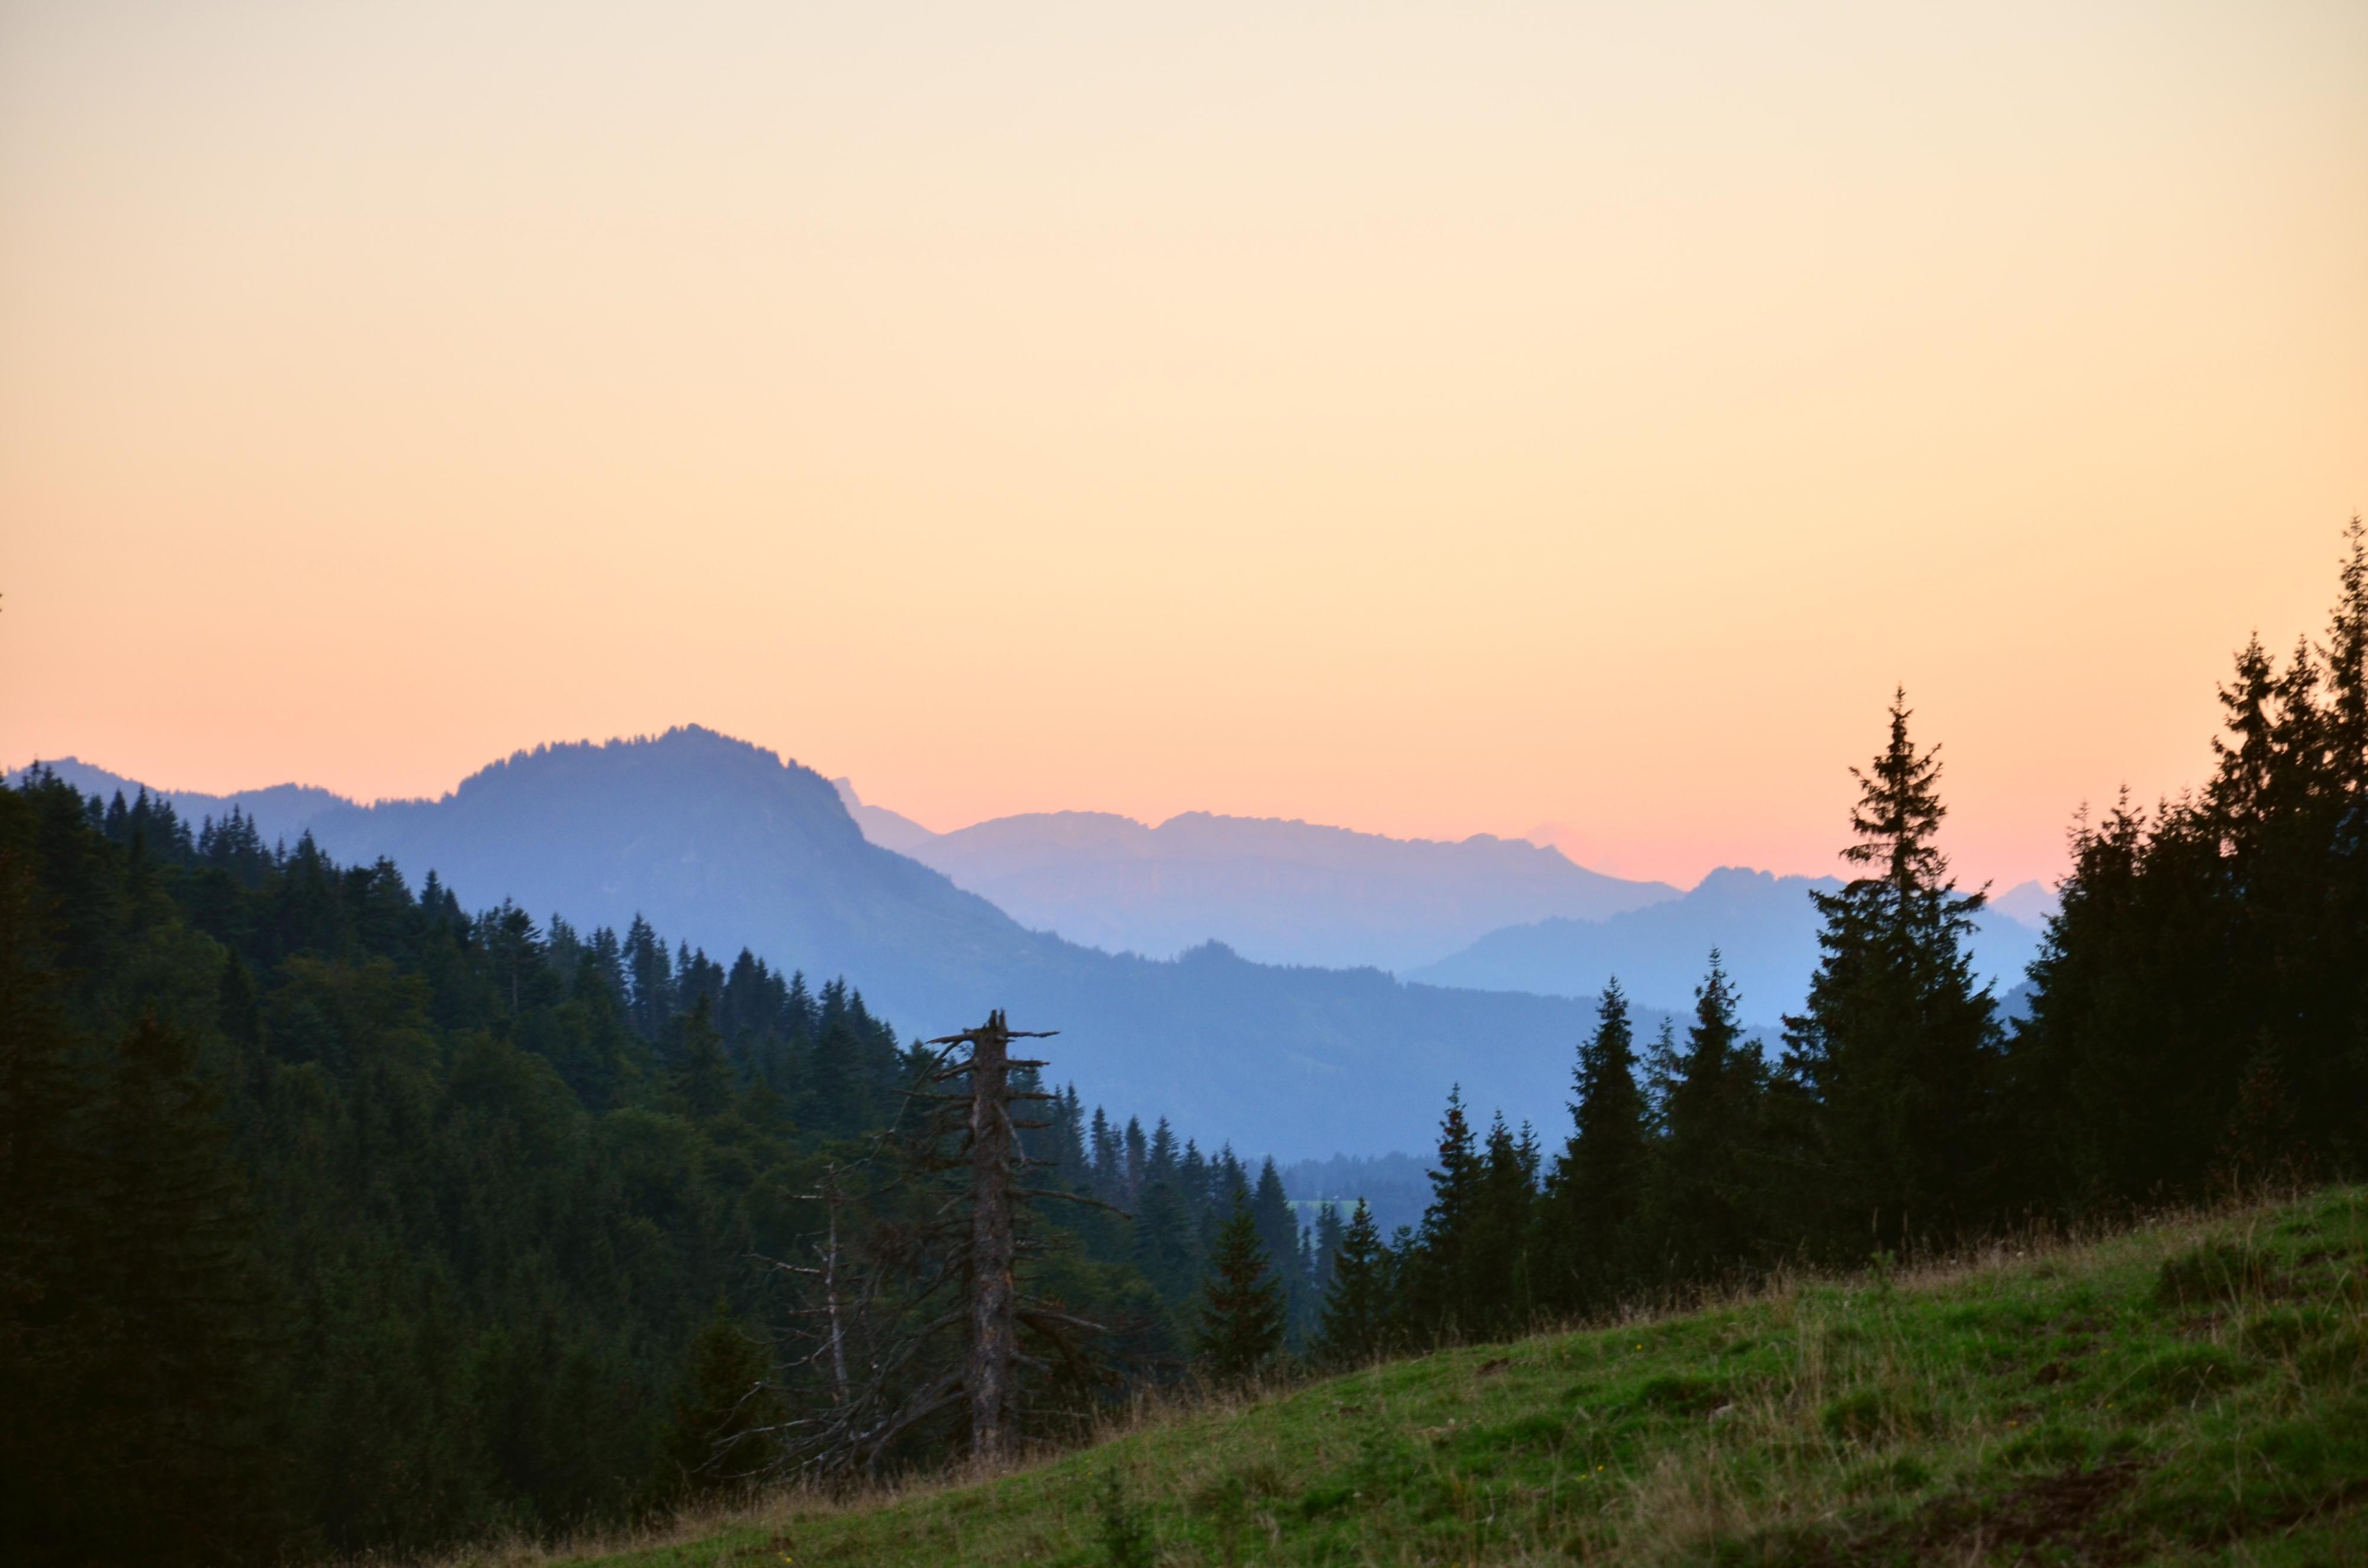 A0067_Abendrot_auf_der_Alpe_Bärenmoos_Pfronten.jpg